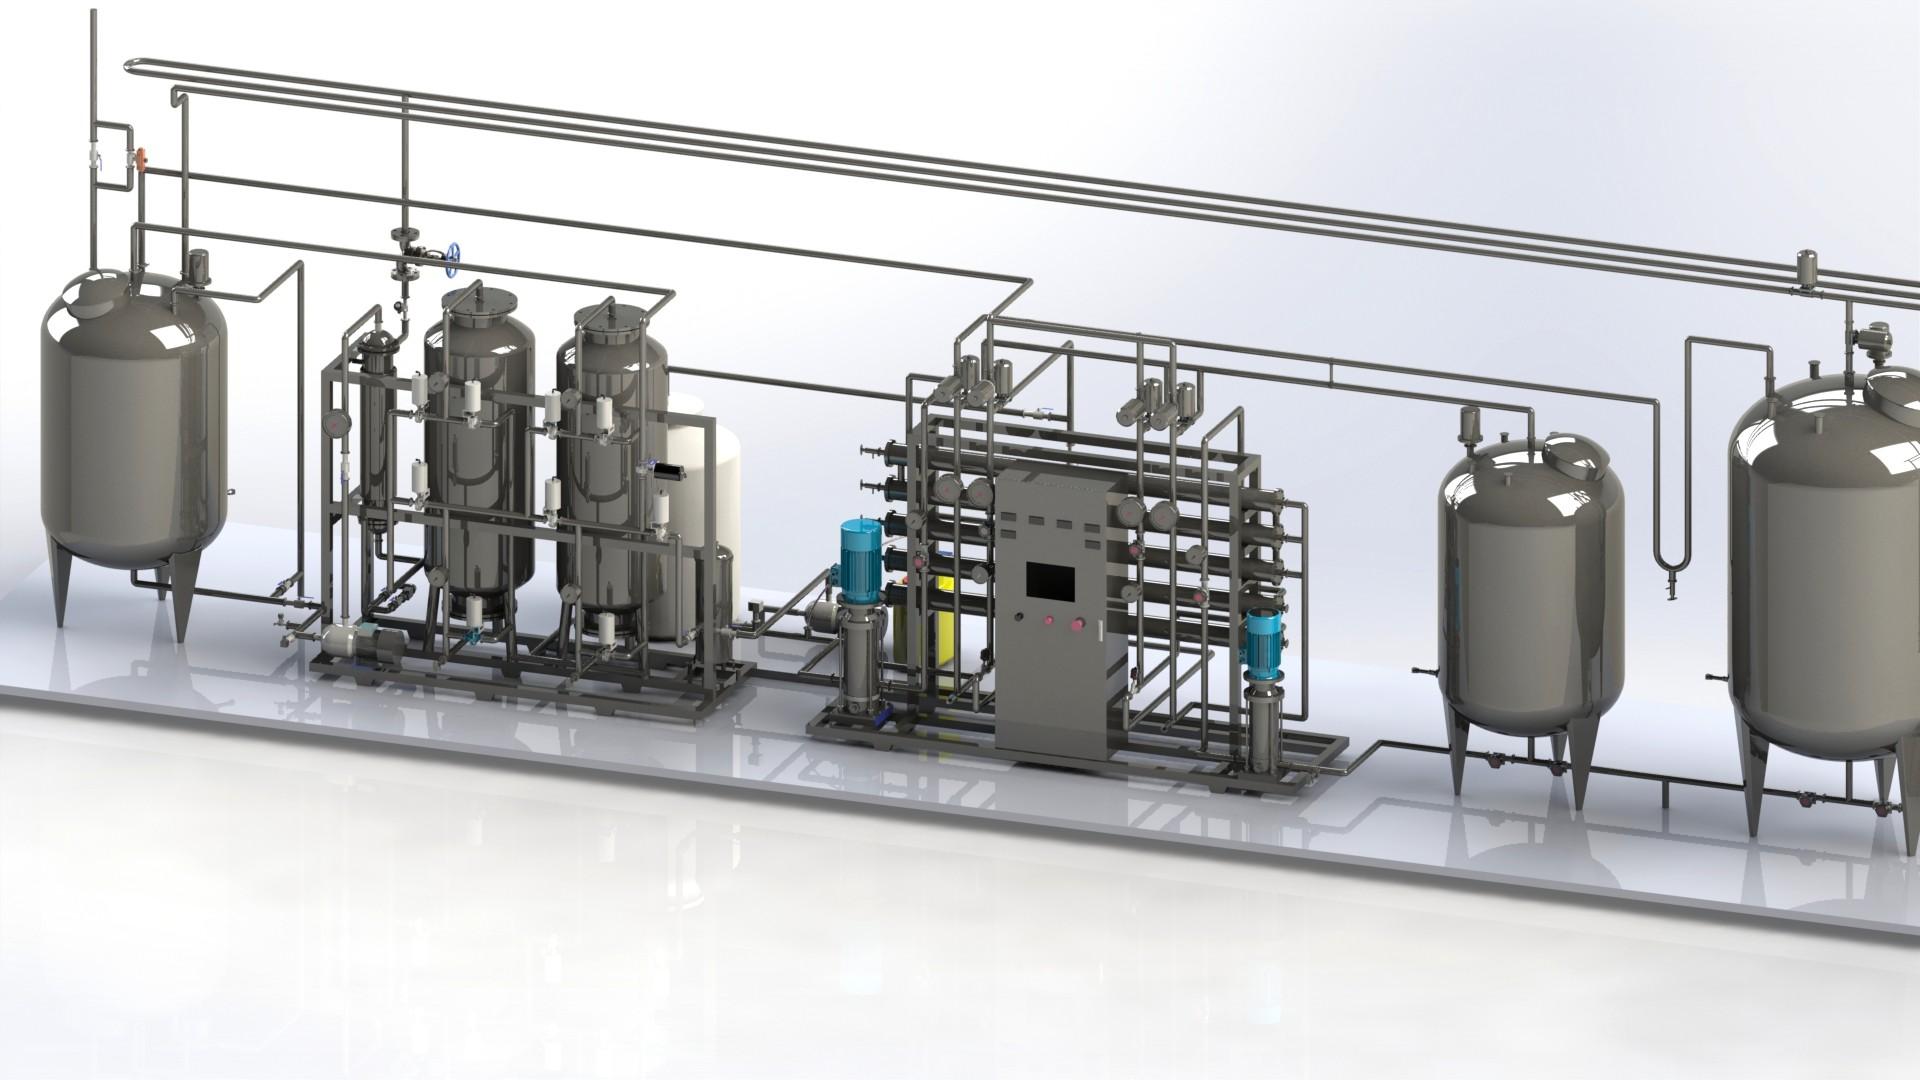 纯化水设备中的传输件会不会影响水质?